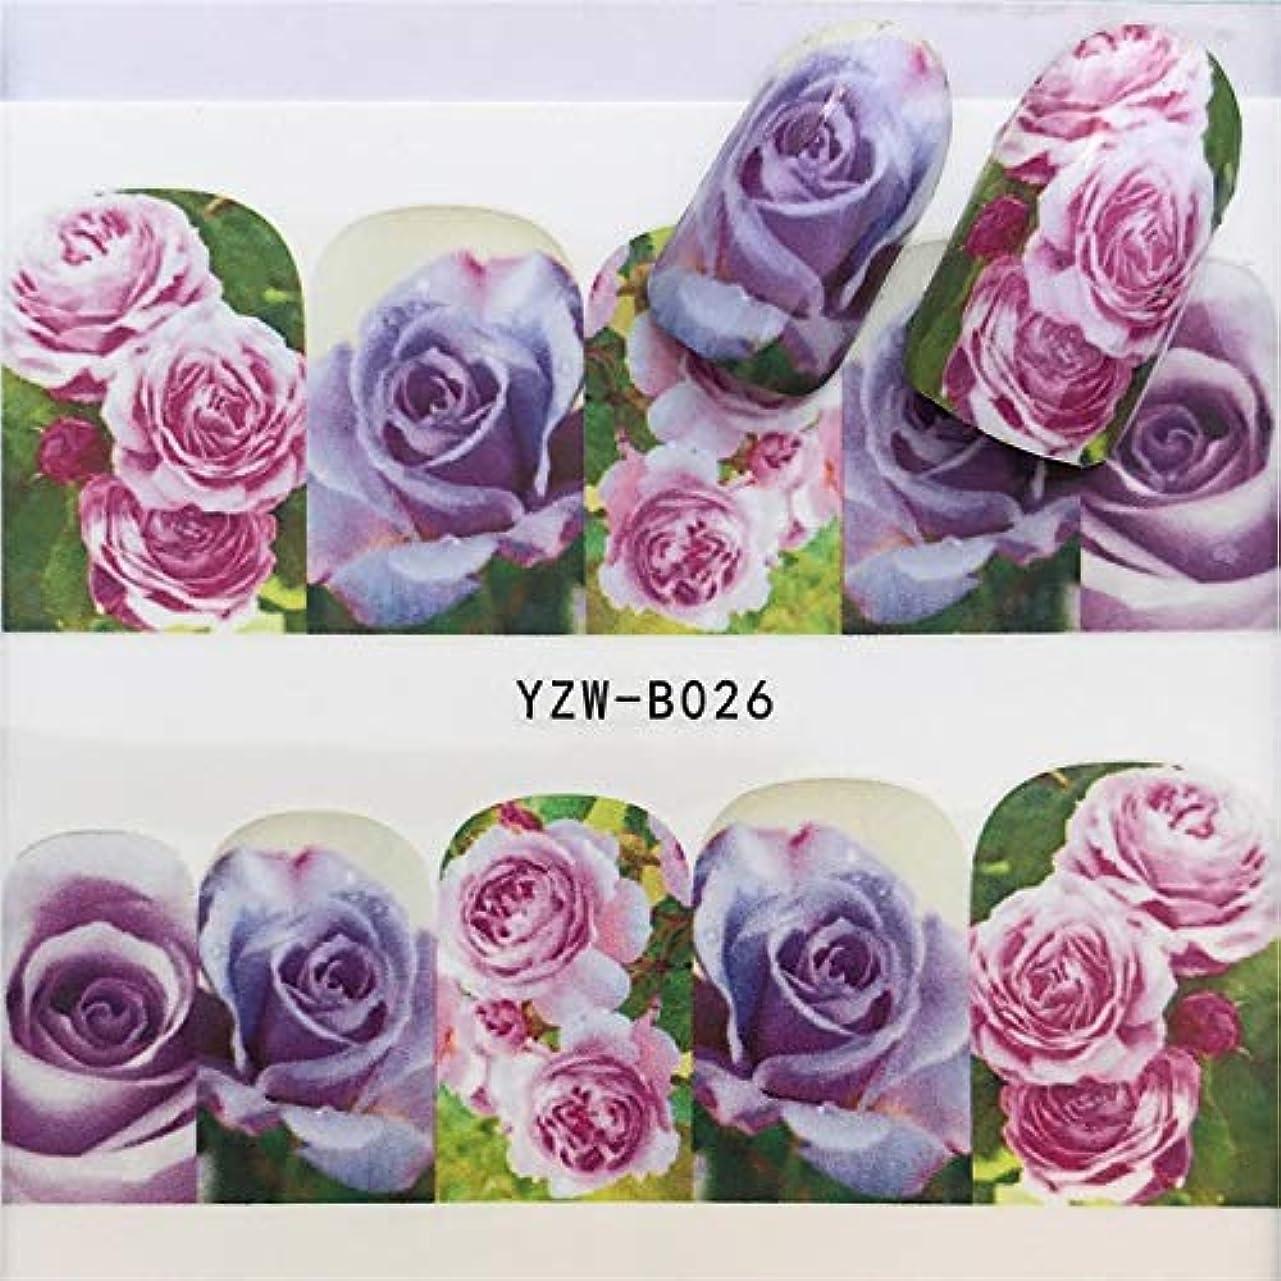 二十アコーハンディキャップFlysea ネイルステッカー3 PCSネイルステッカーセットデカール水スライダーネイルズアート装飾、色転送:YZWB026を